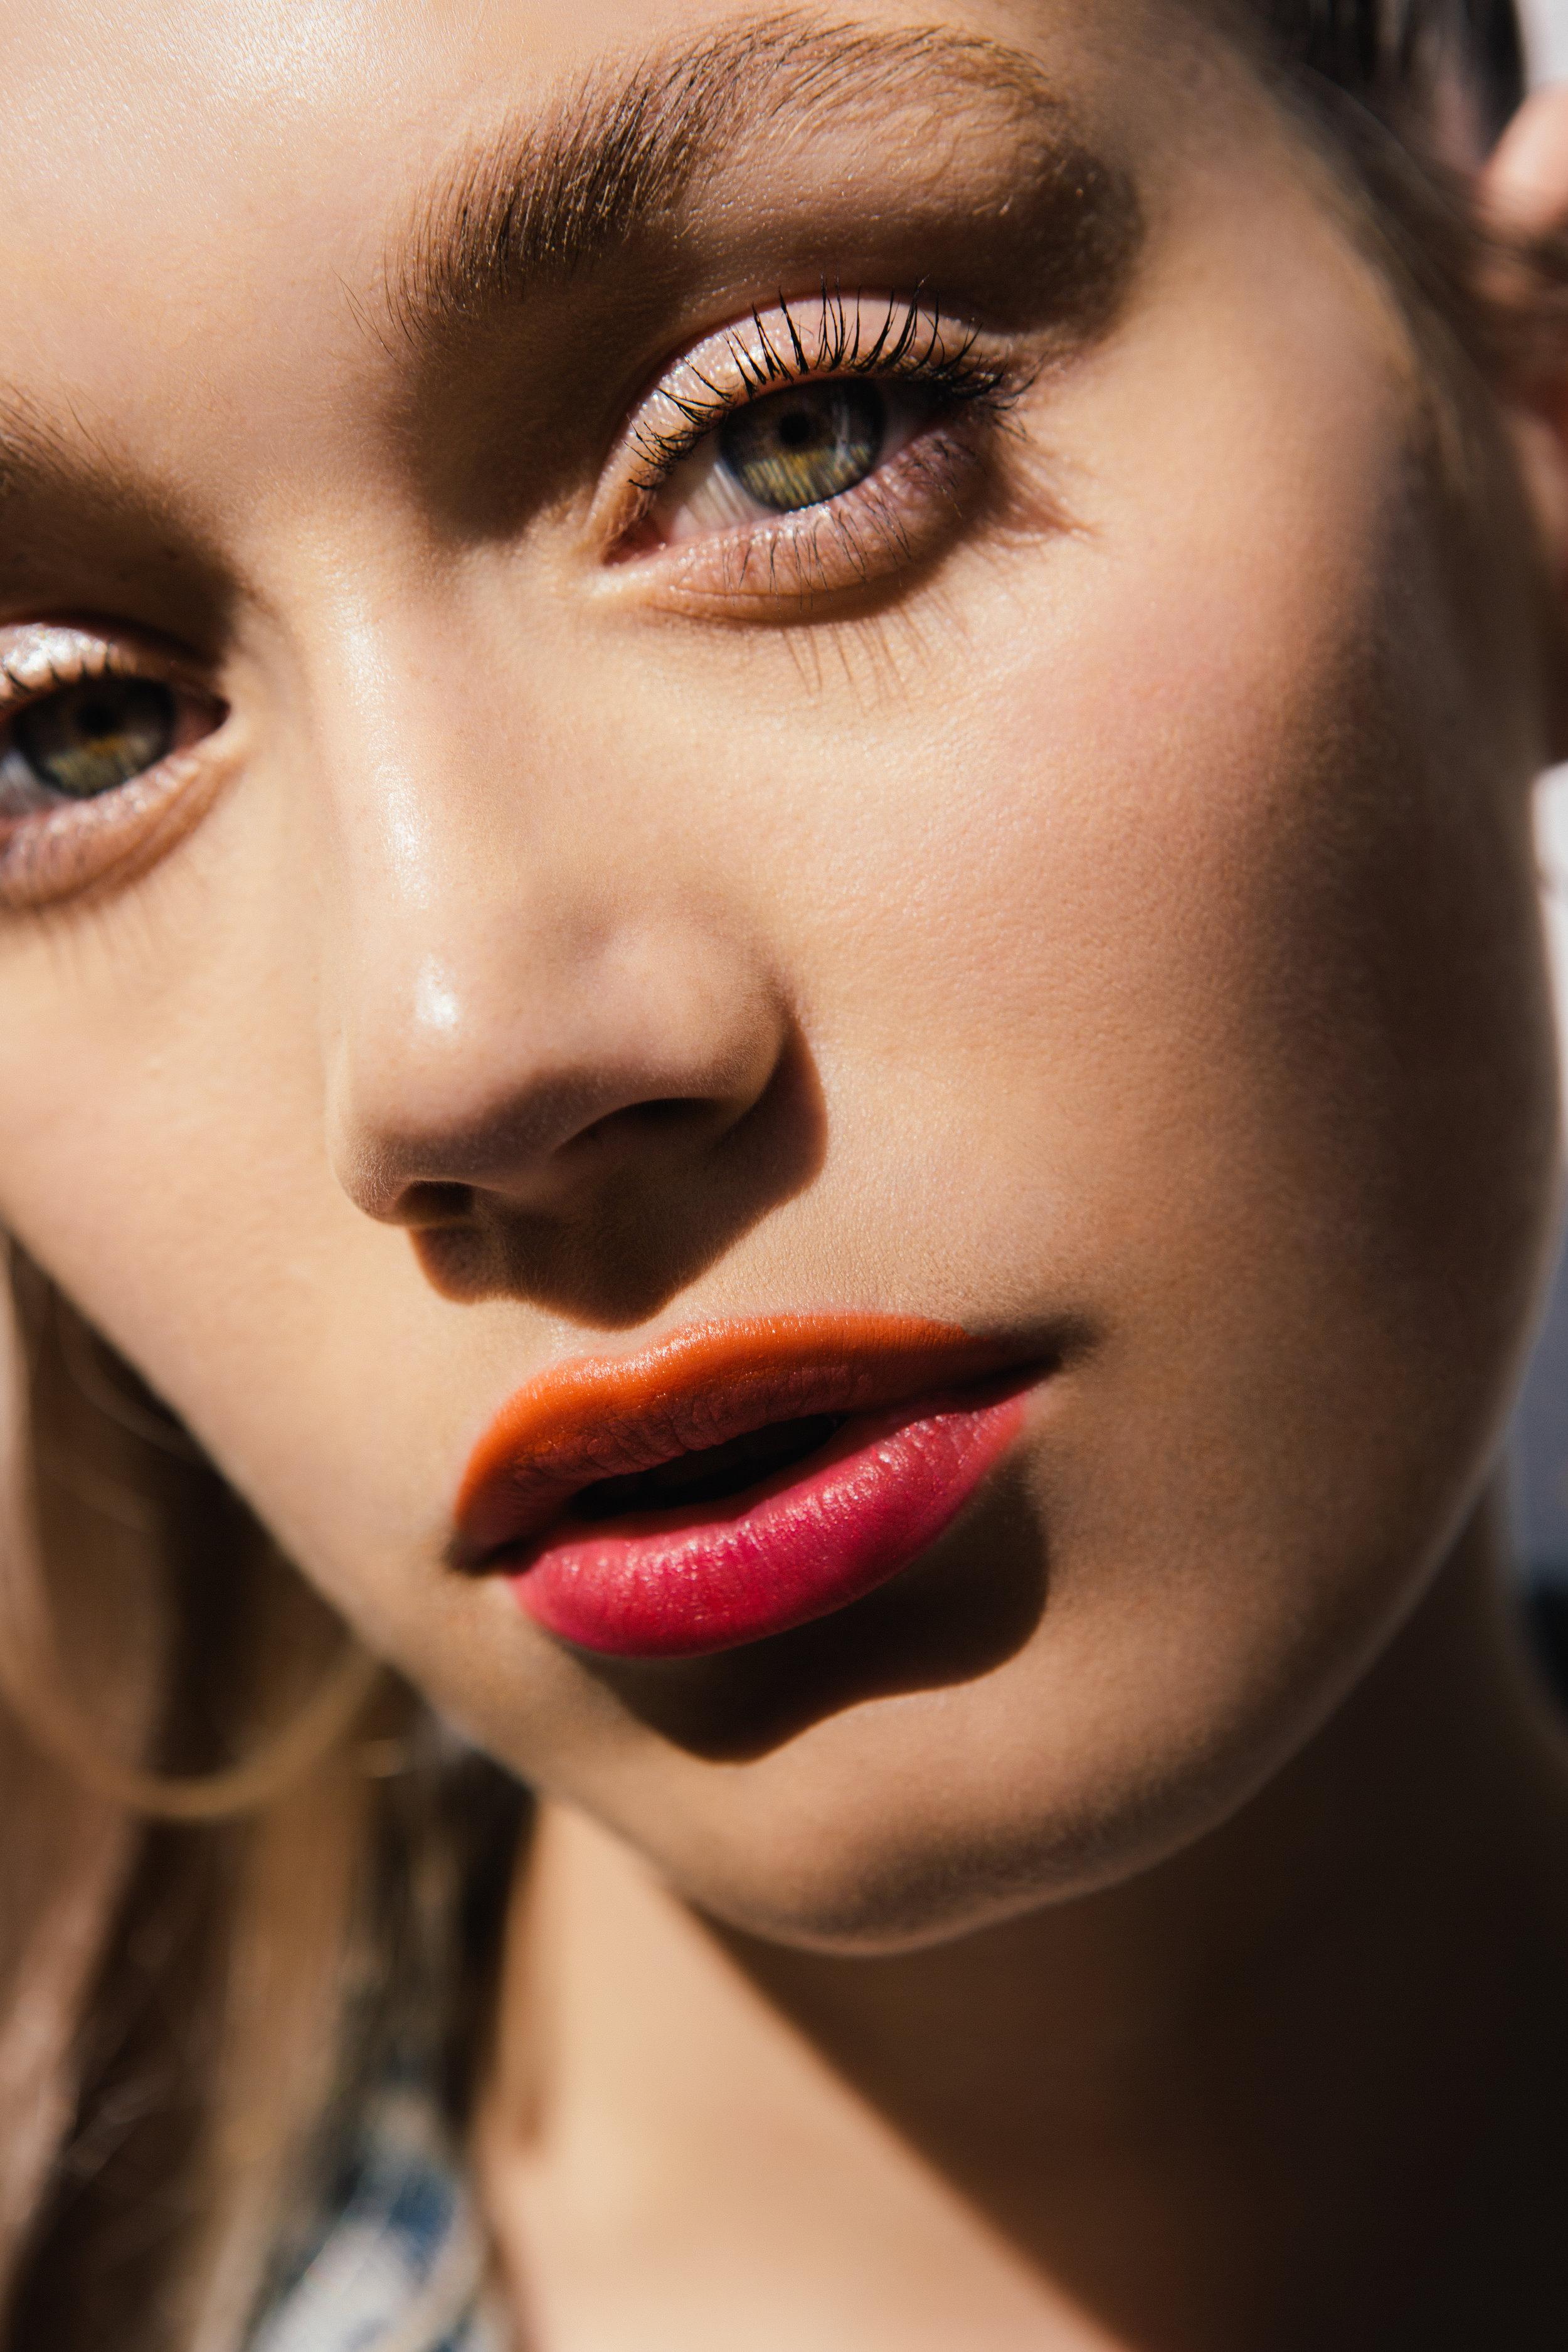 181103_Beauty_GraceGardiner-312_lip.jpg